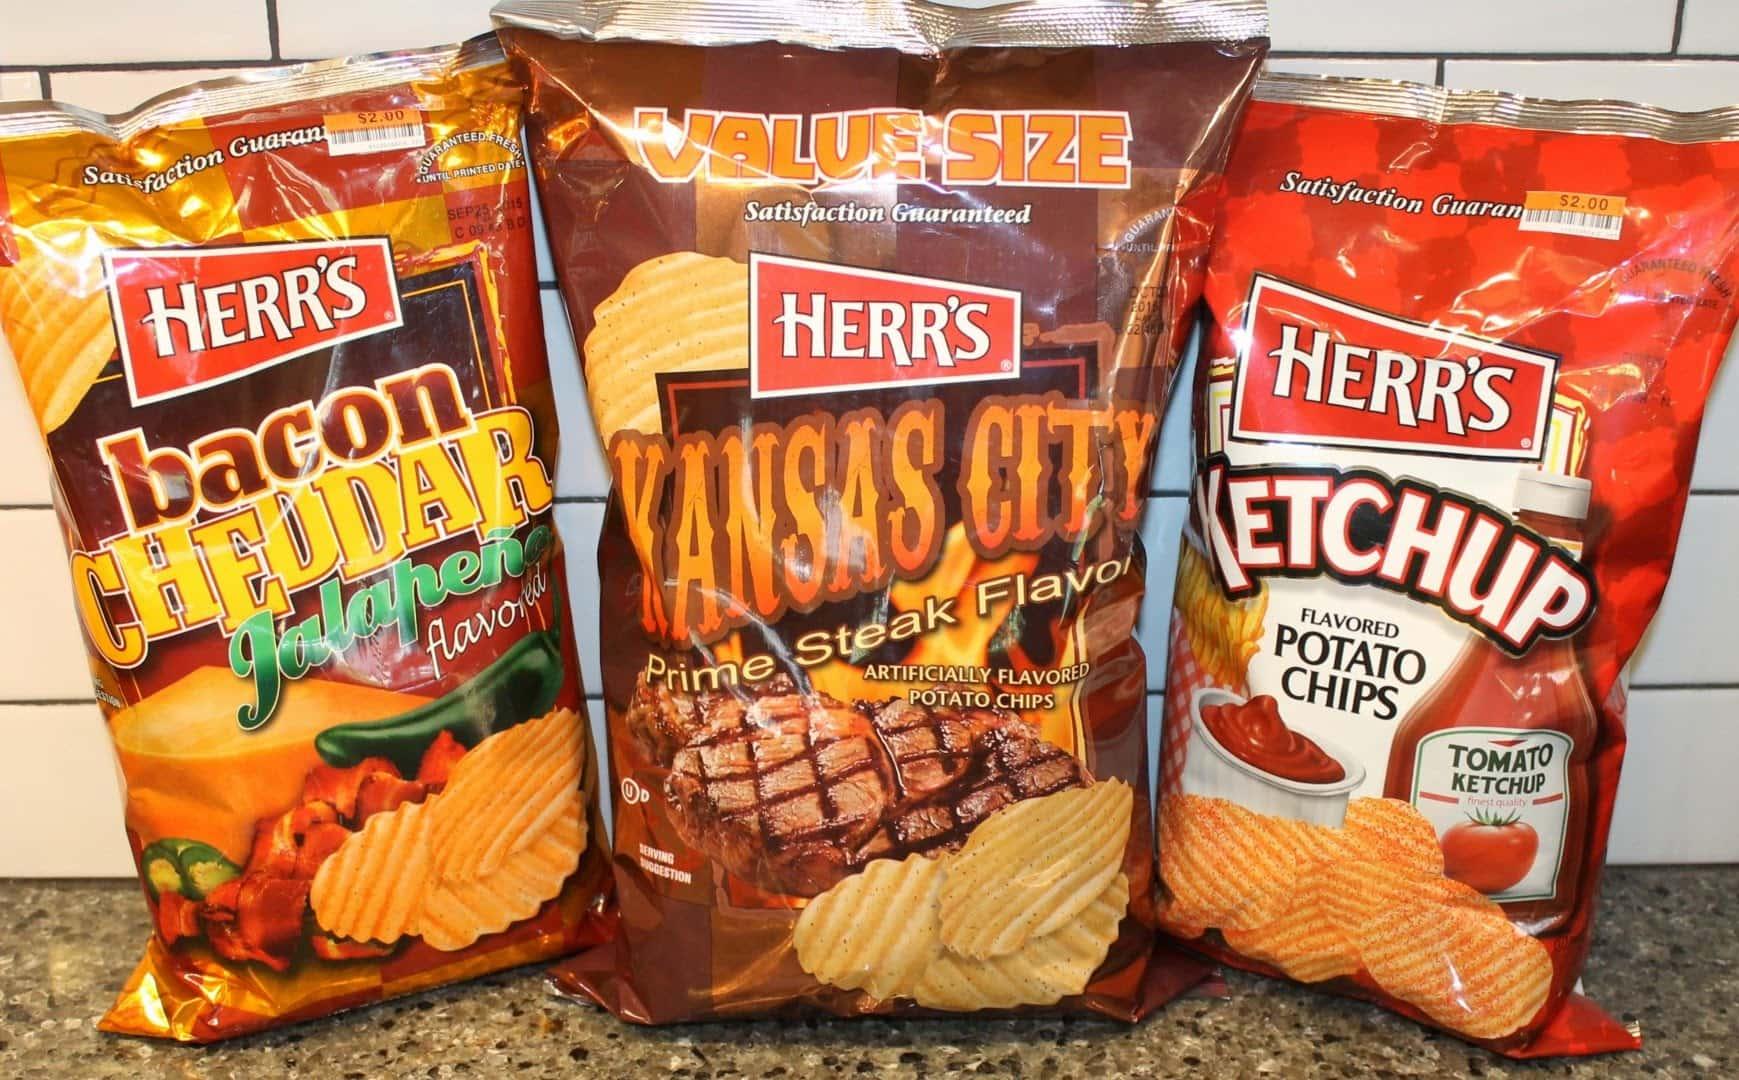 Herr's Kansas City Prime Steak